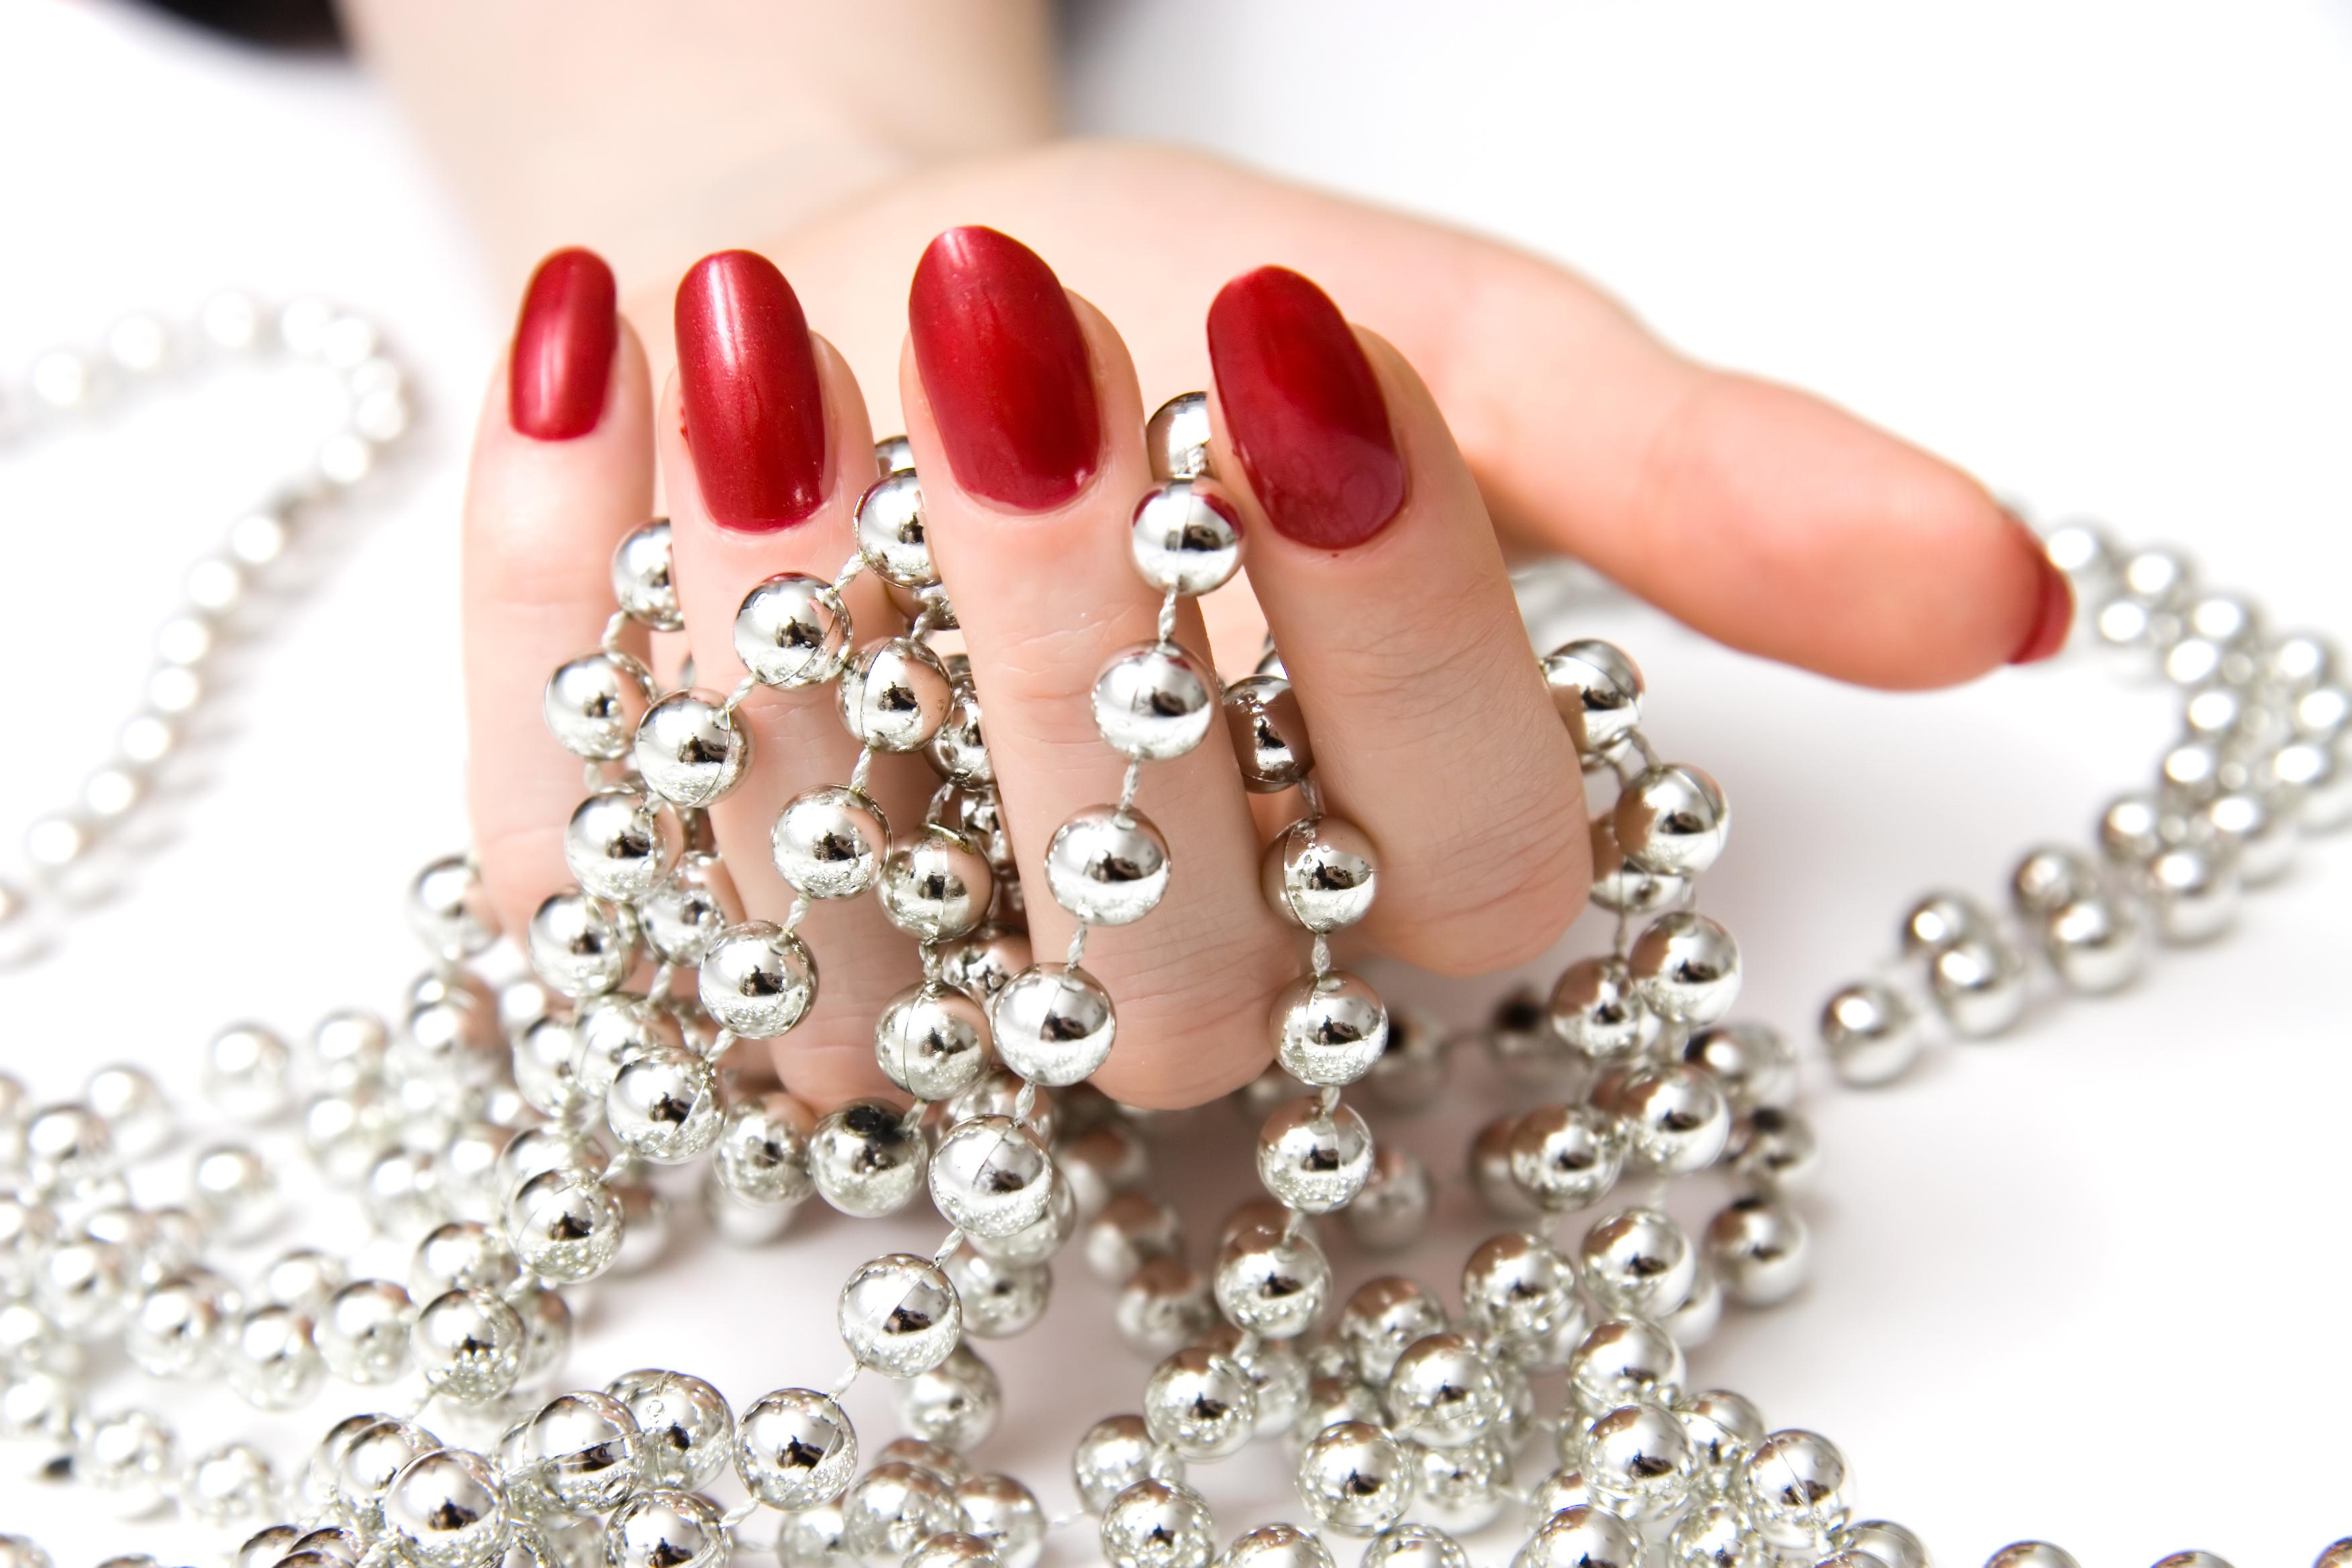 Терапия за укрепване на чупливи нокти с акрилна пудра или Gum гел и лакиране по избор във фризьоро-козметичен салон Вили! - Снимка